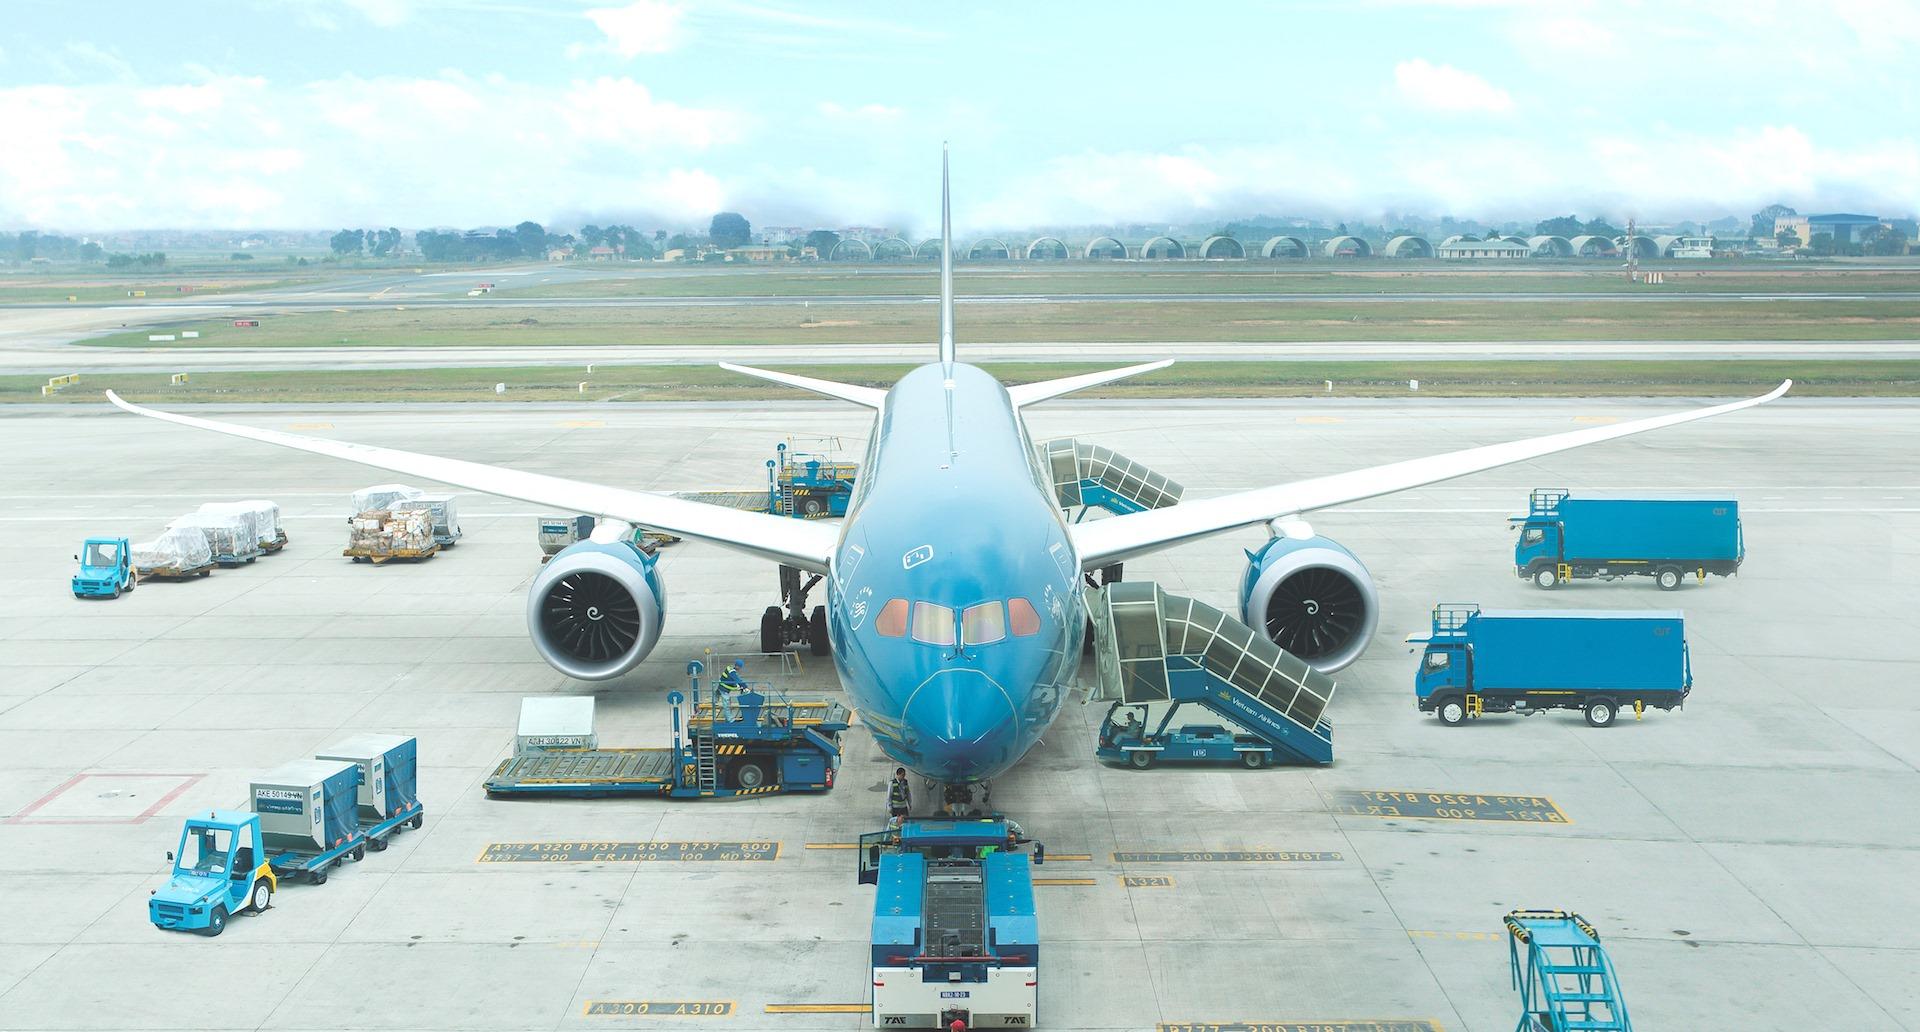 ベトナム航空のフライトアテンダントは悔やむ